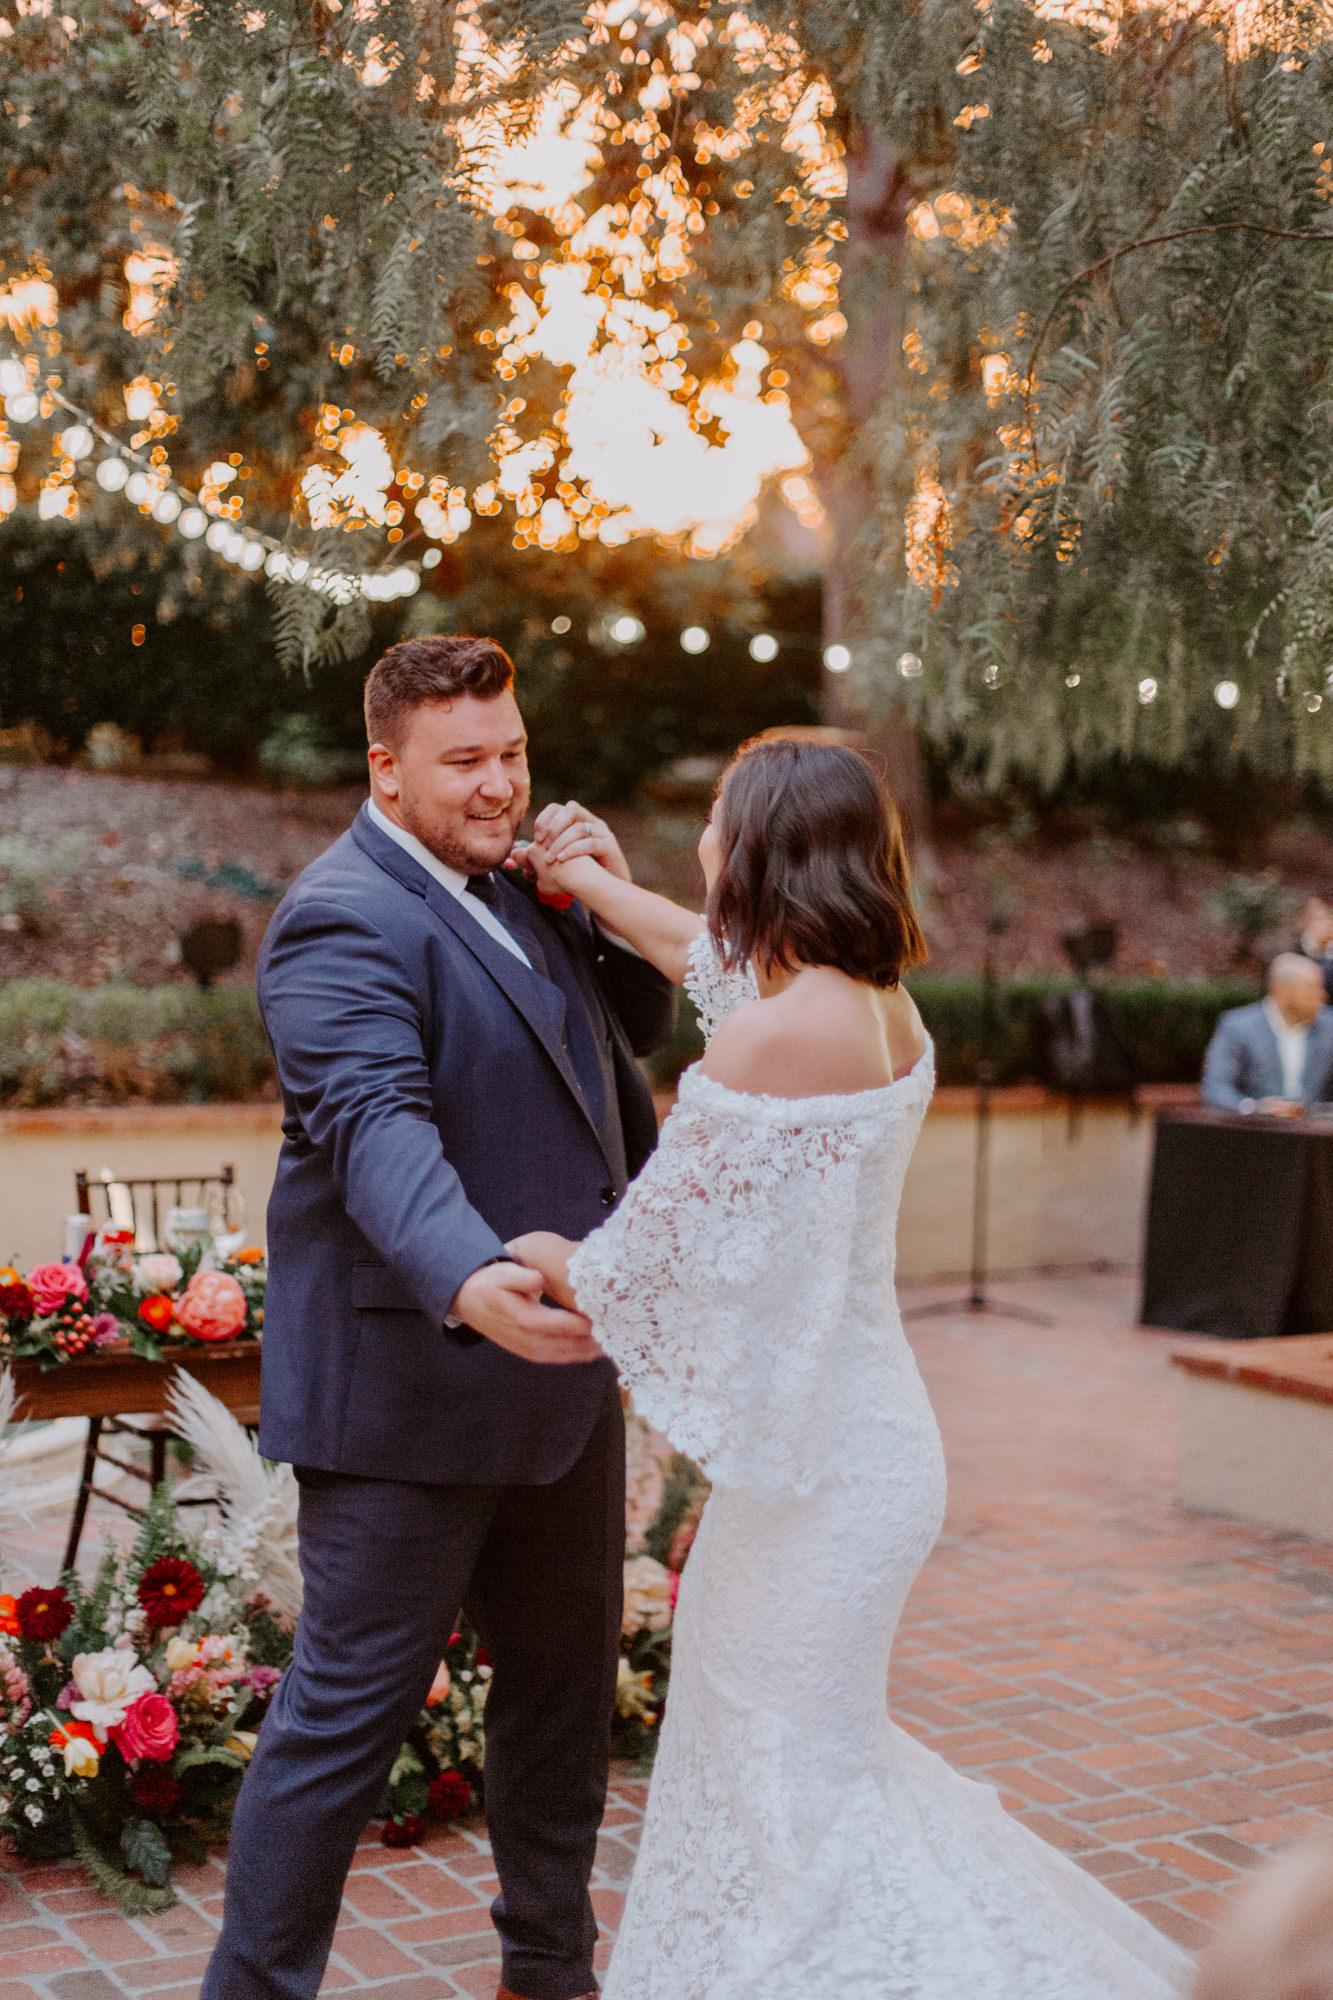 Rancho bernardo Inn san deigo wedding photography0091.jpg